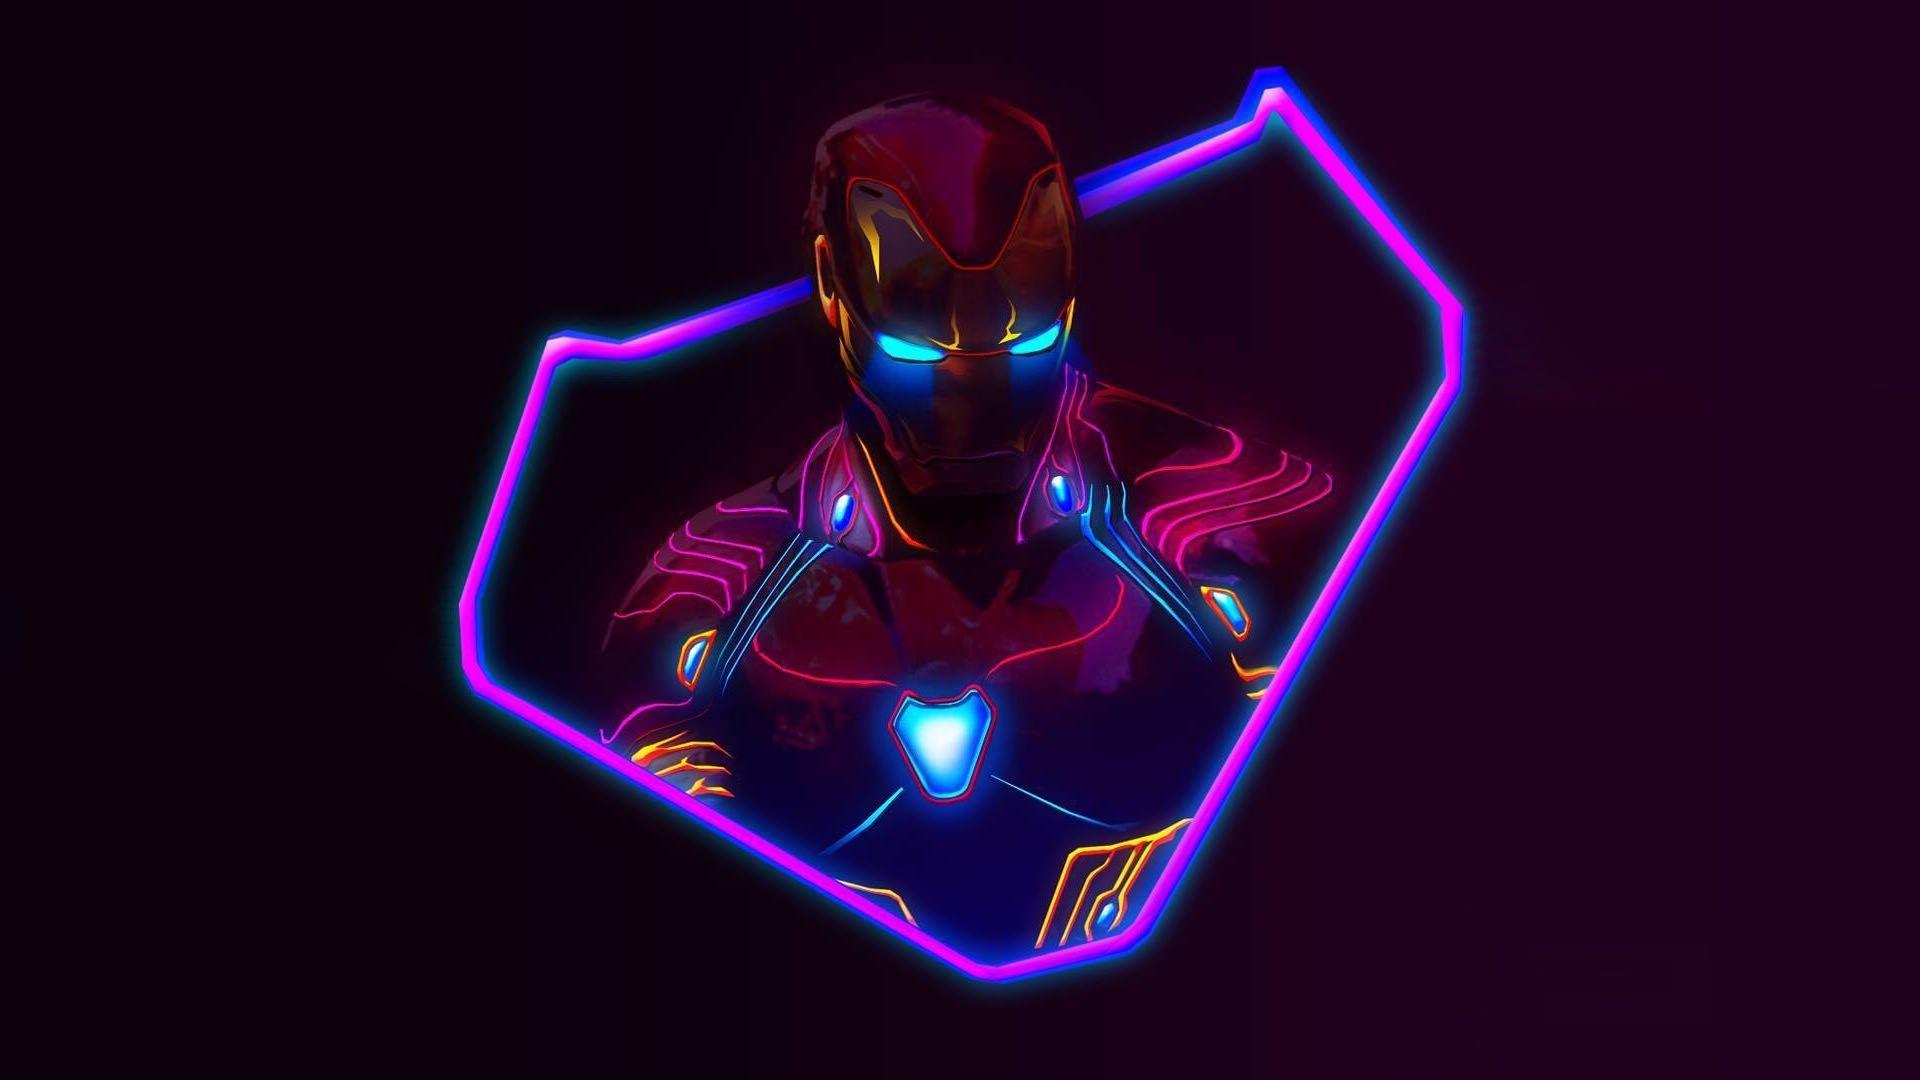 neon desktop backgrounds